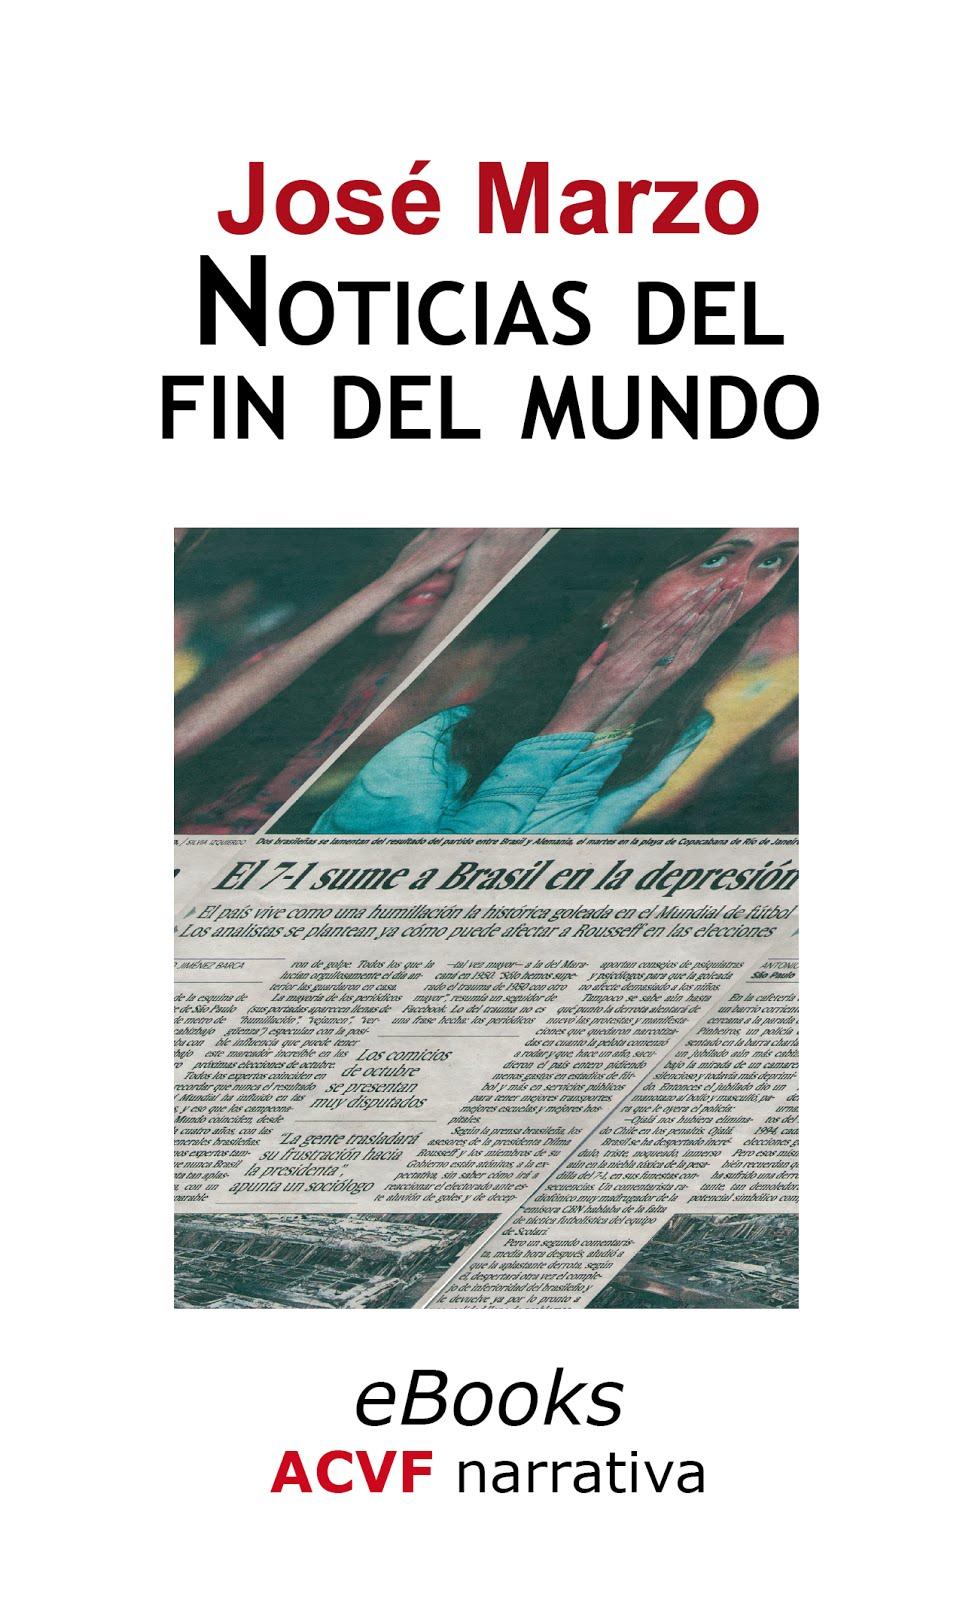 Noticias del fin del mundo